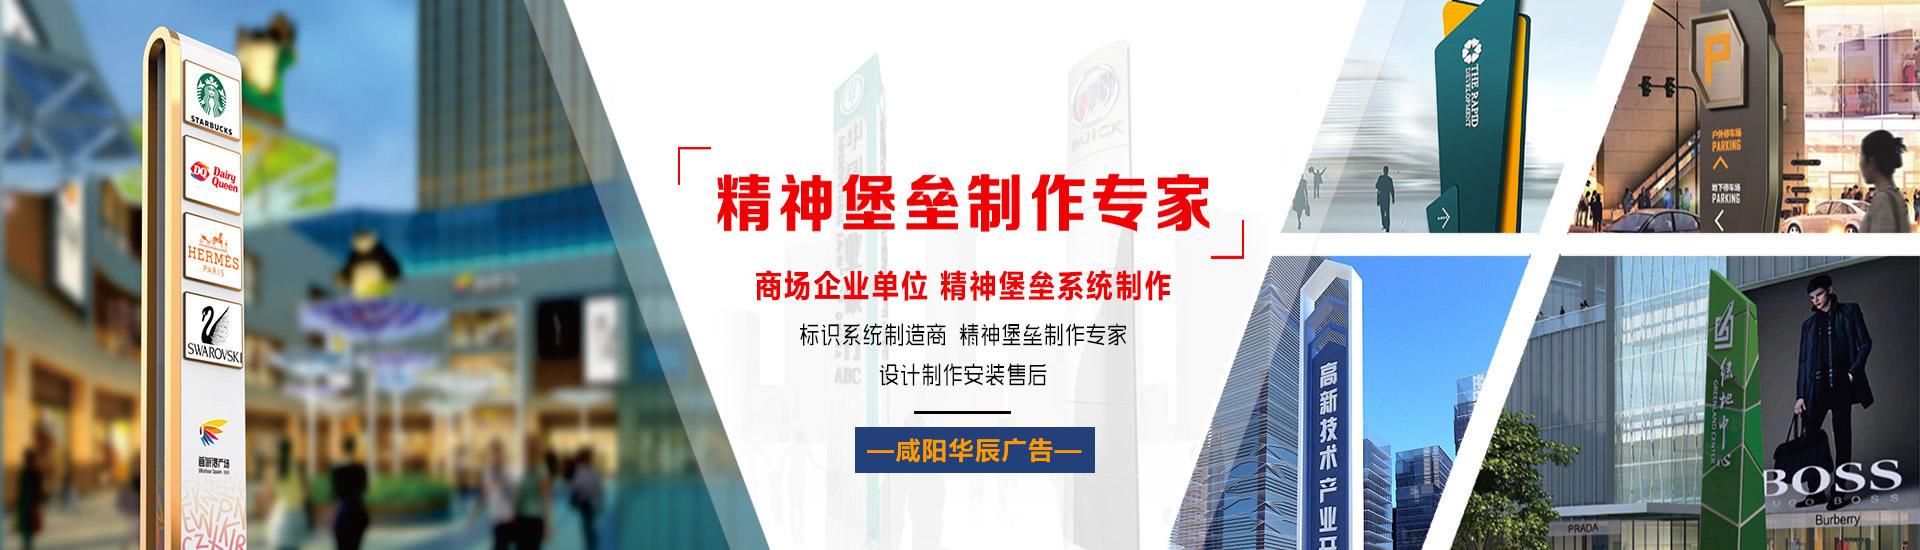 咸阳广告公司